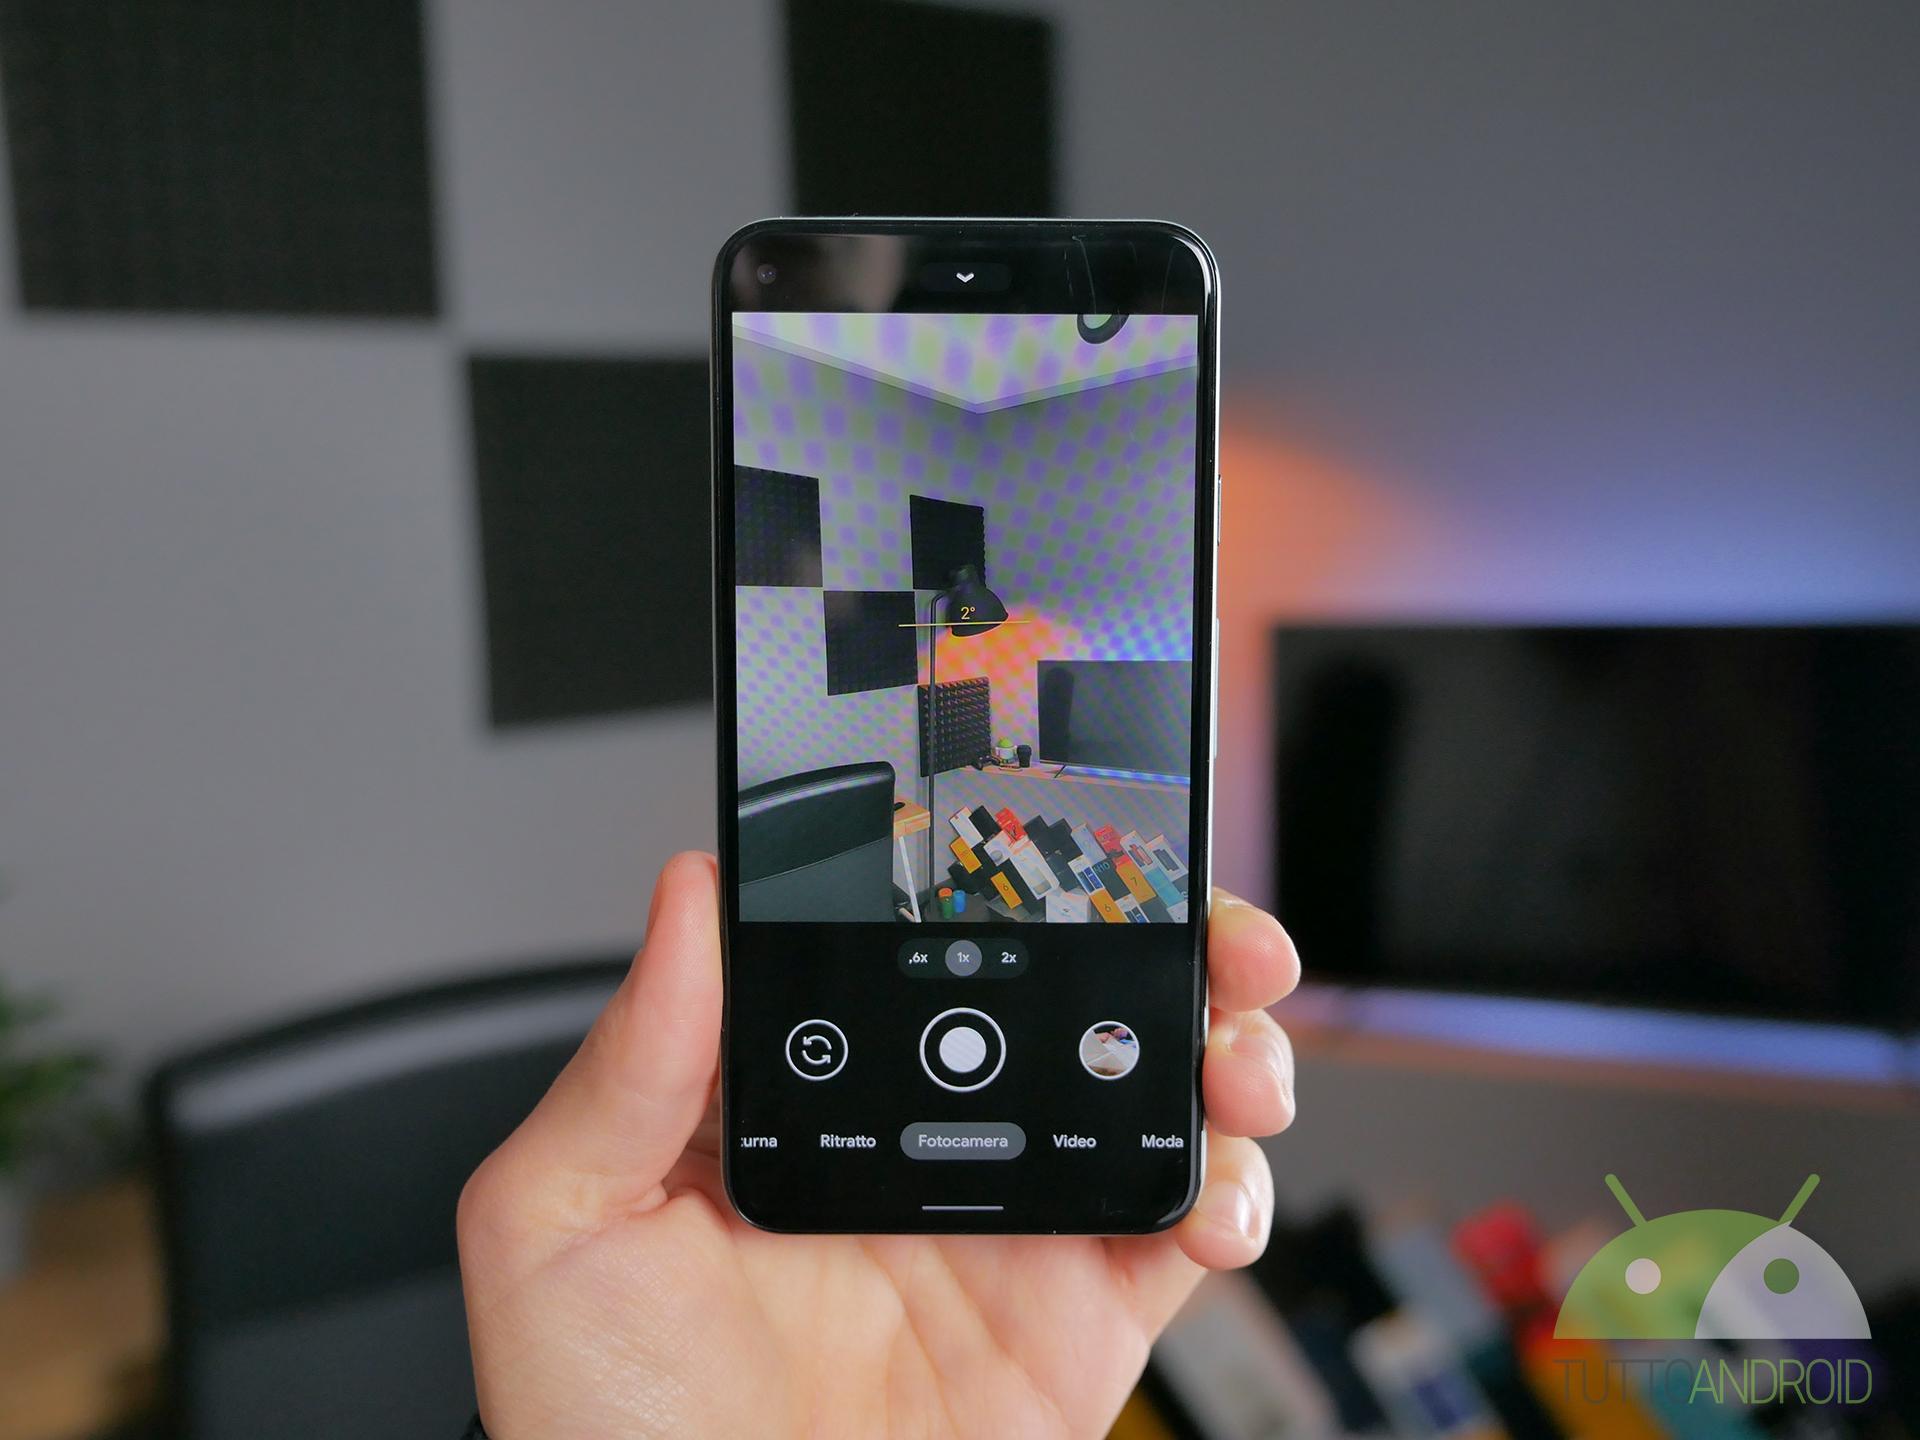 Foto notturna ora opera in automatico nella Google Fotocamera: le novità della nuova versione